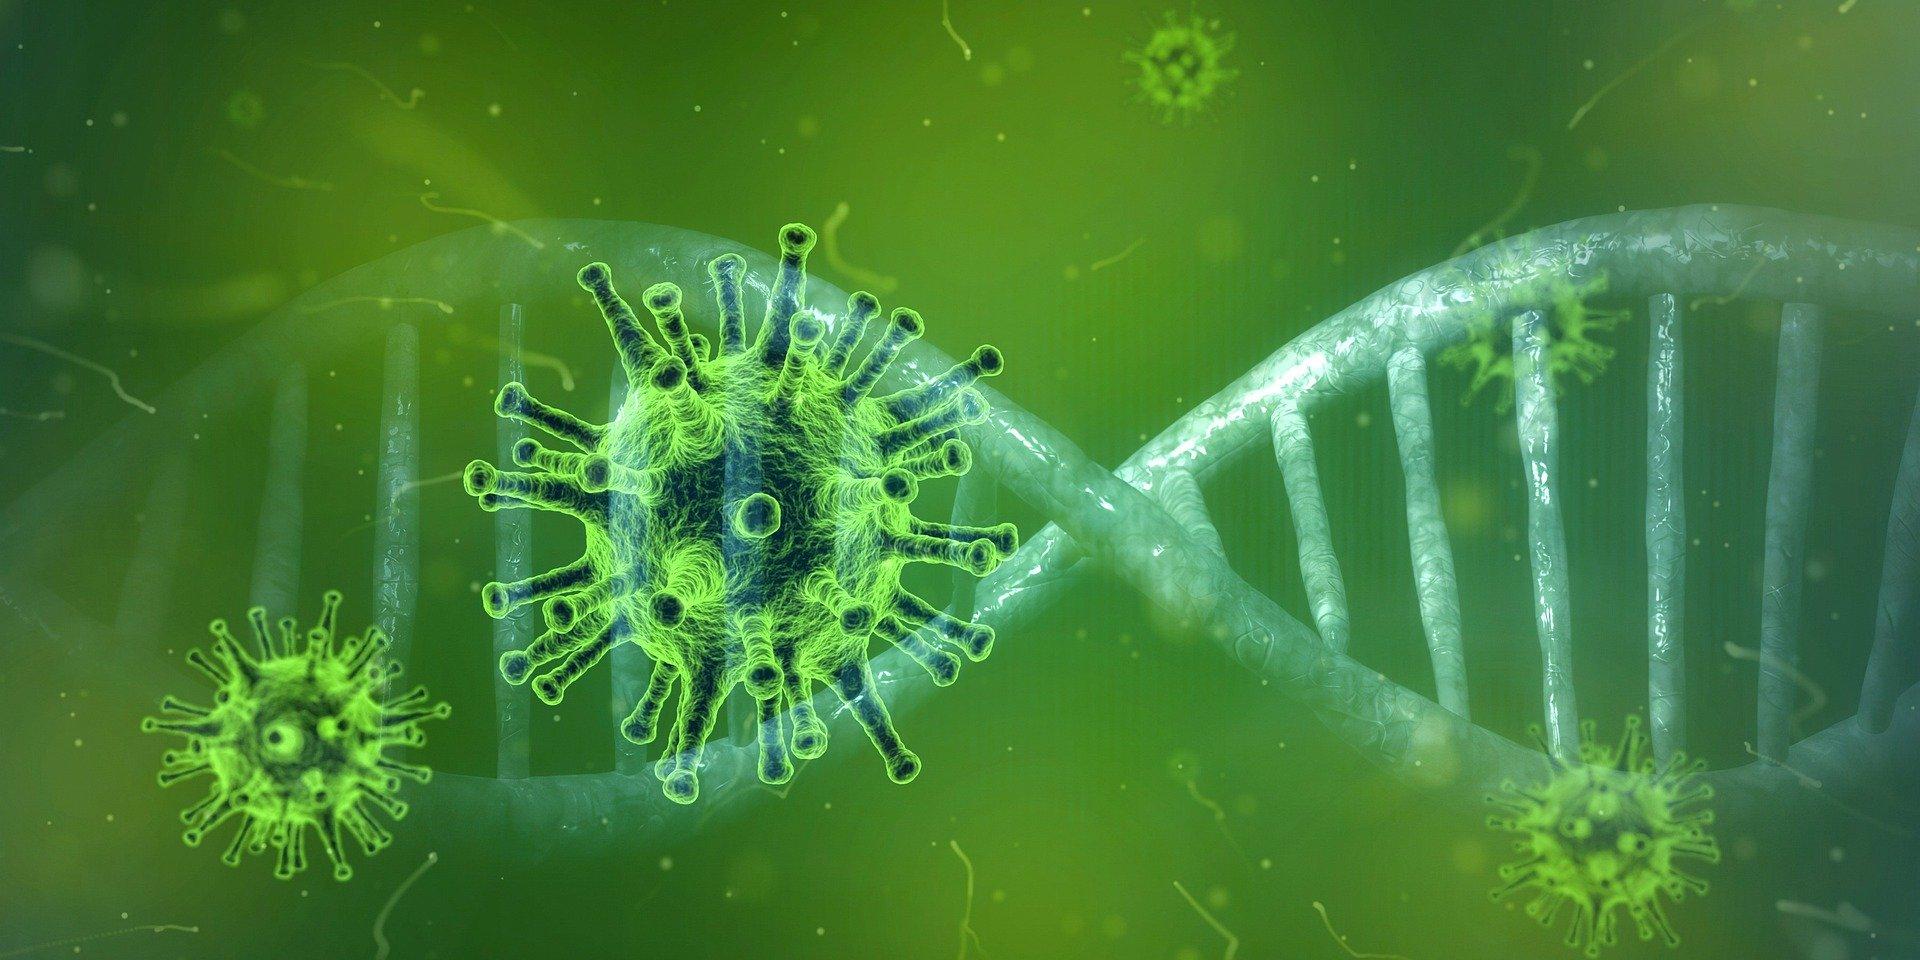 Важные вопросы и ответы про коронавирусы (+научные факты +информация про медицинские маски)